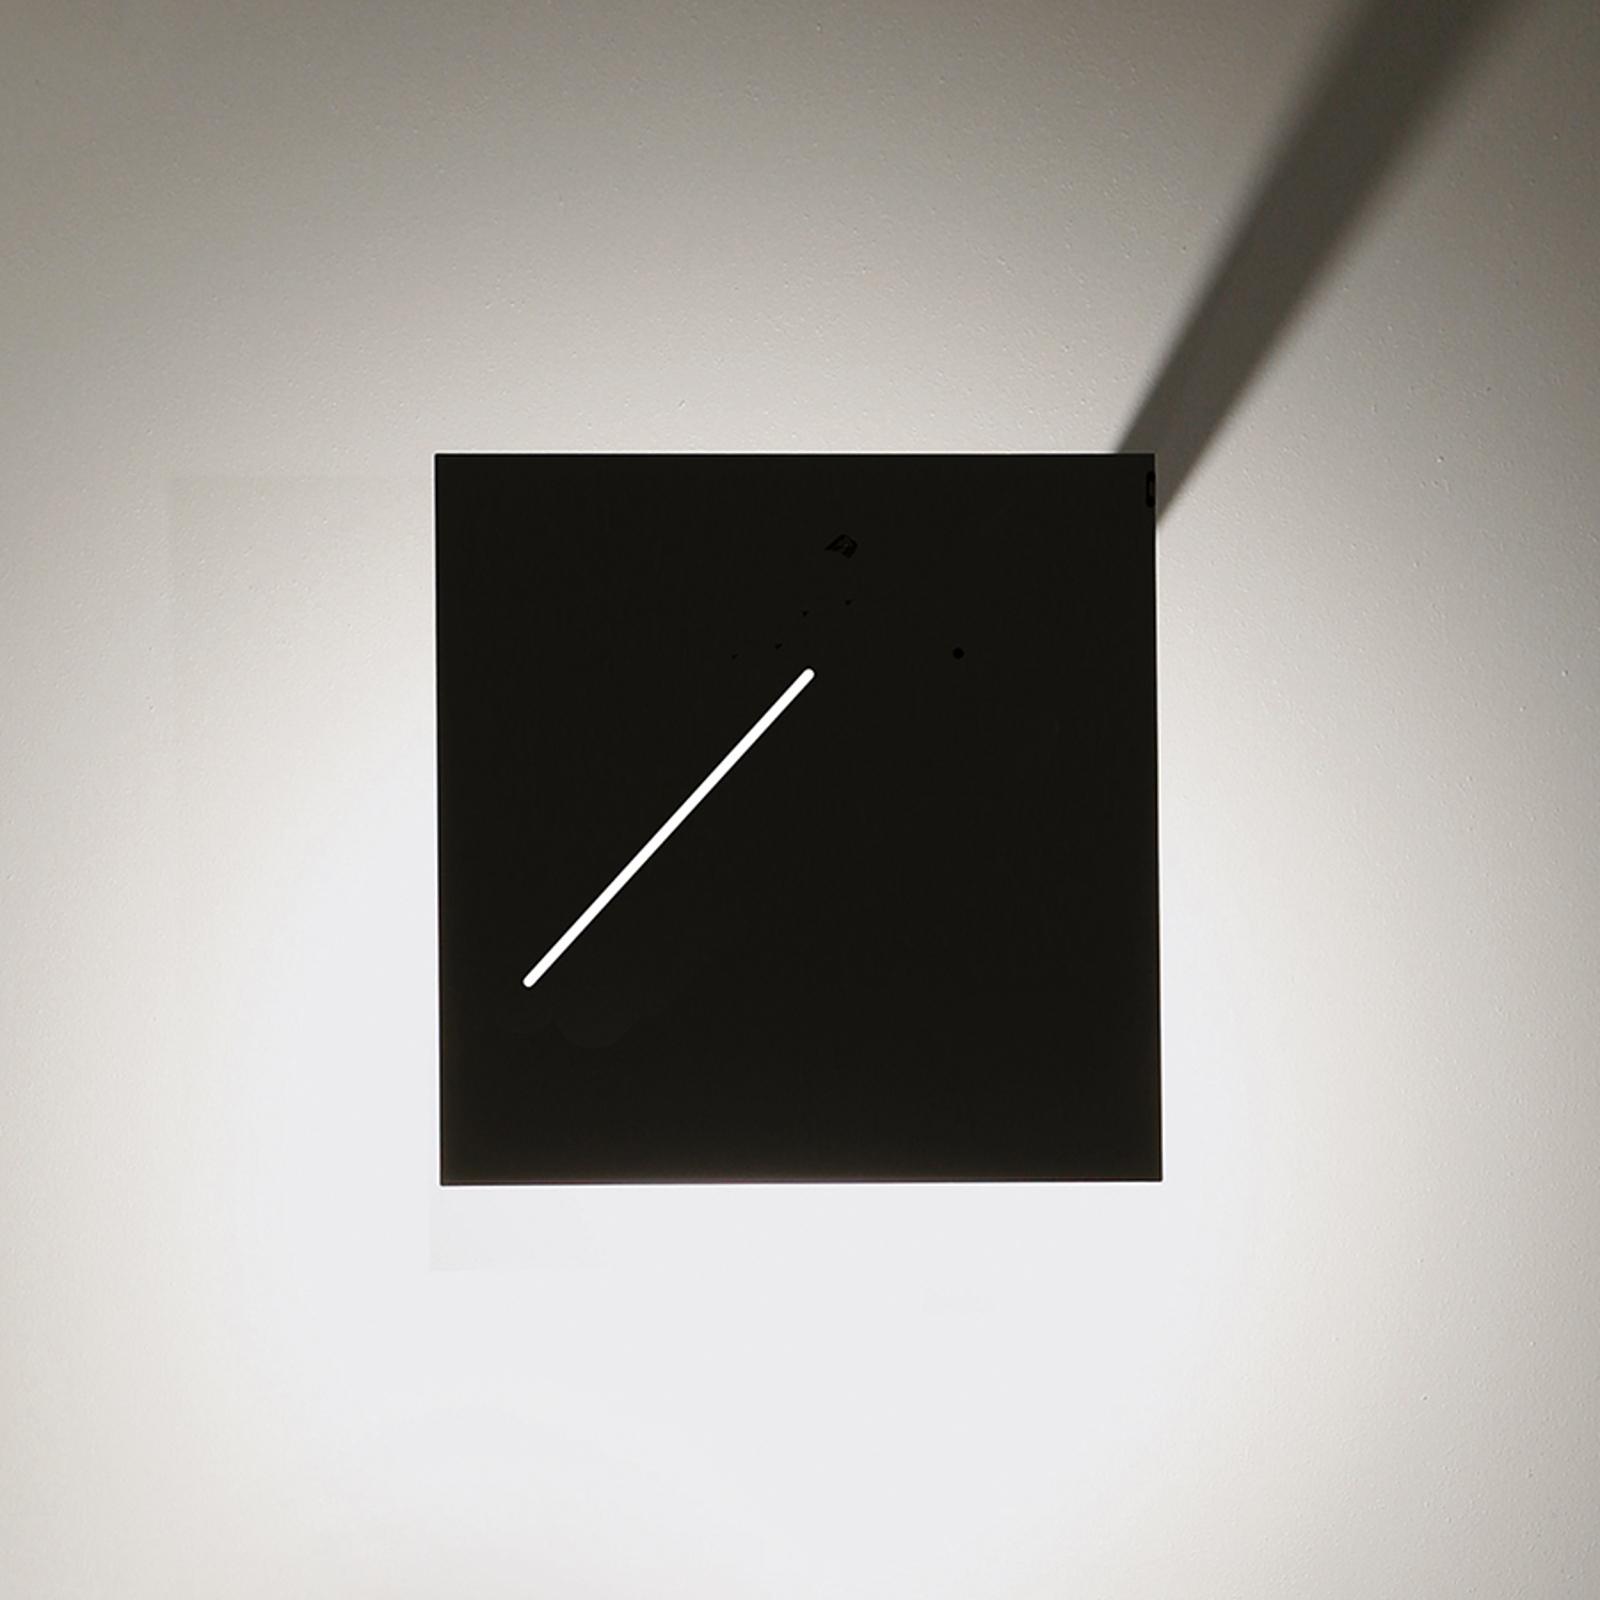 Knikerboker Des.agn - applique LED, noire